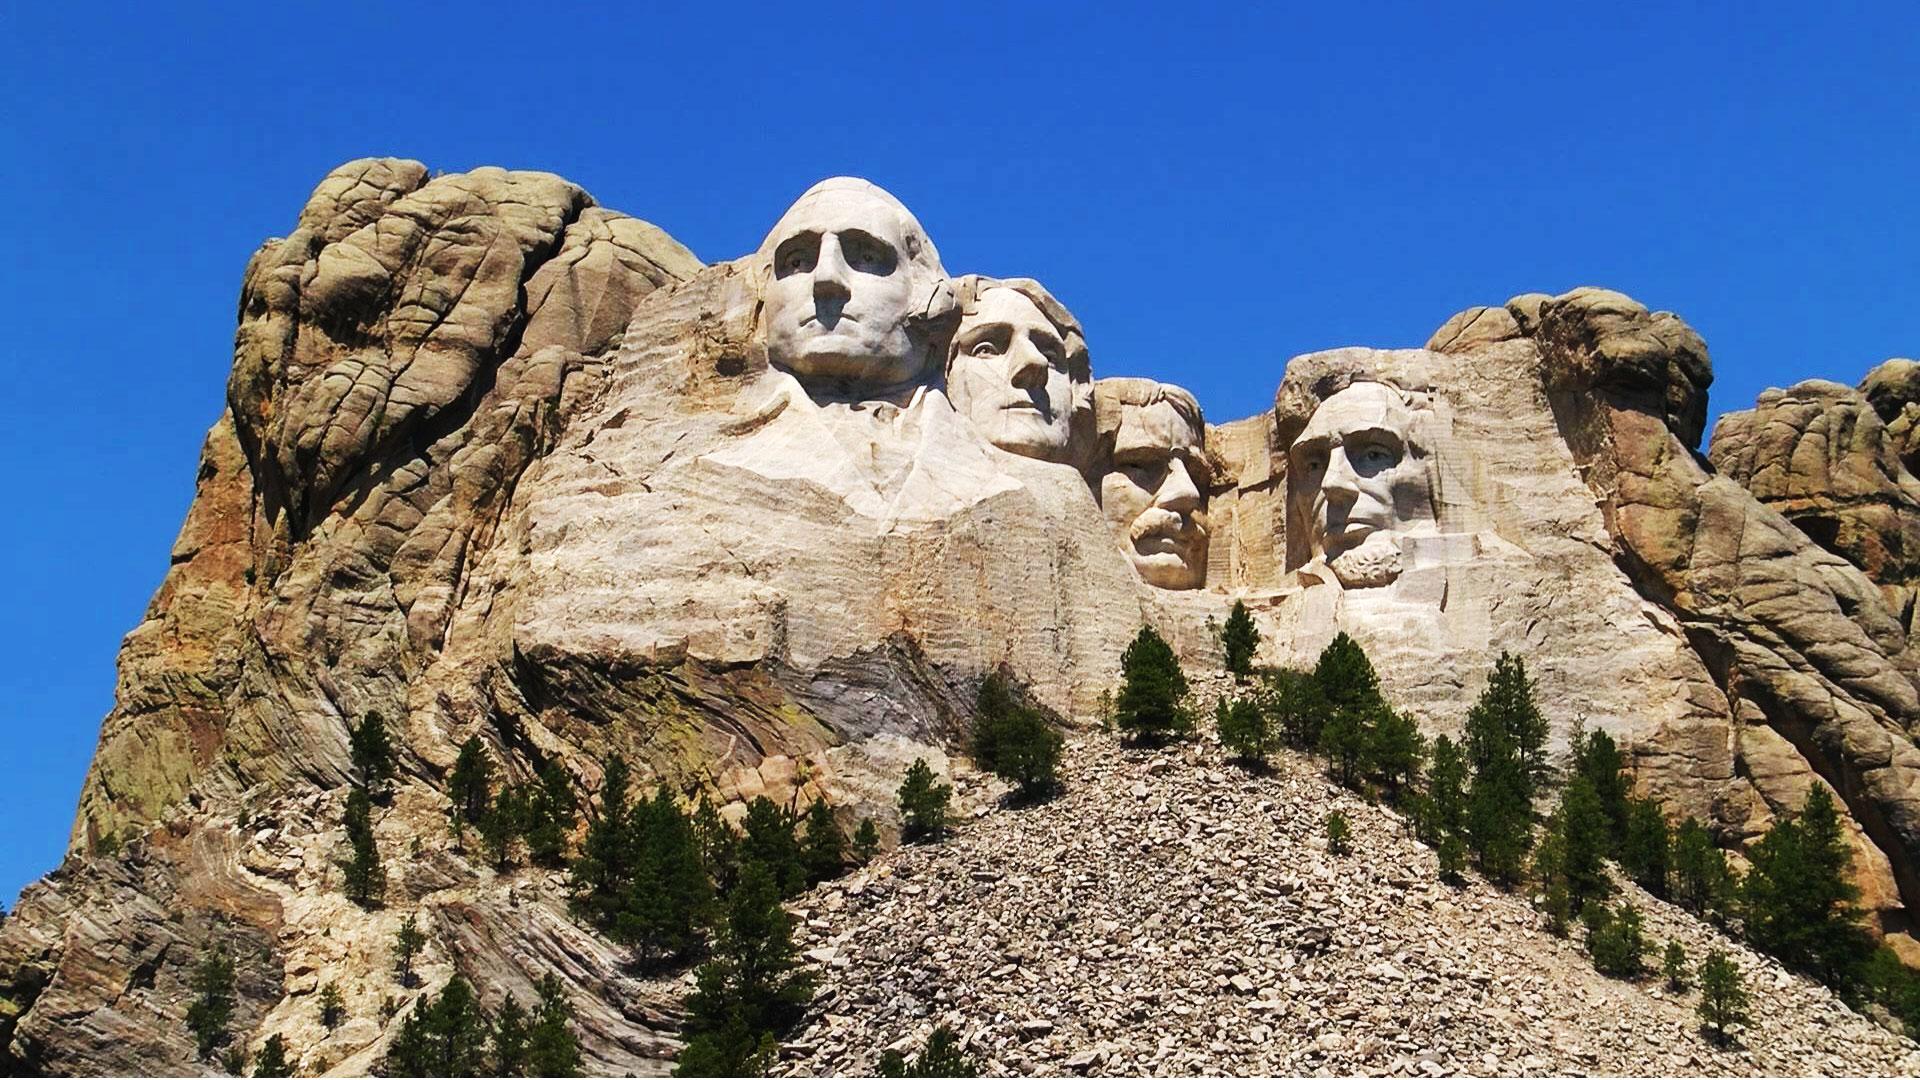 KELO Mount Rushmore